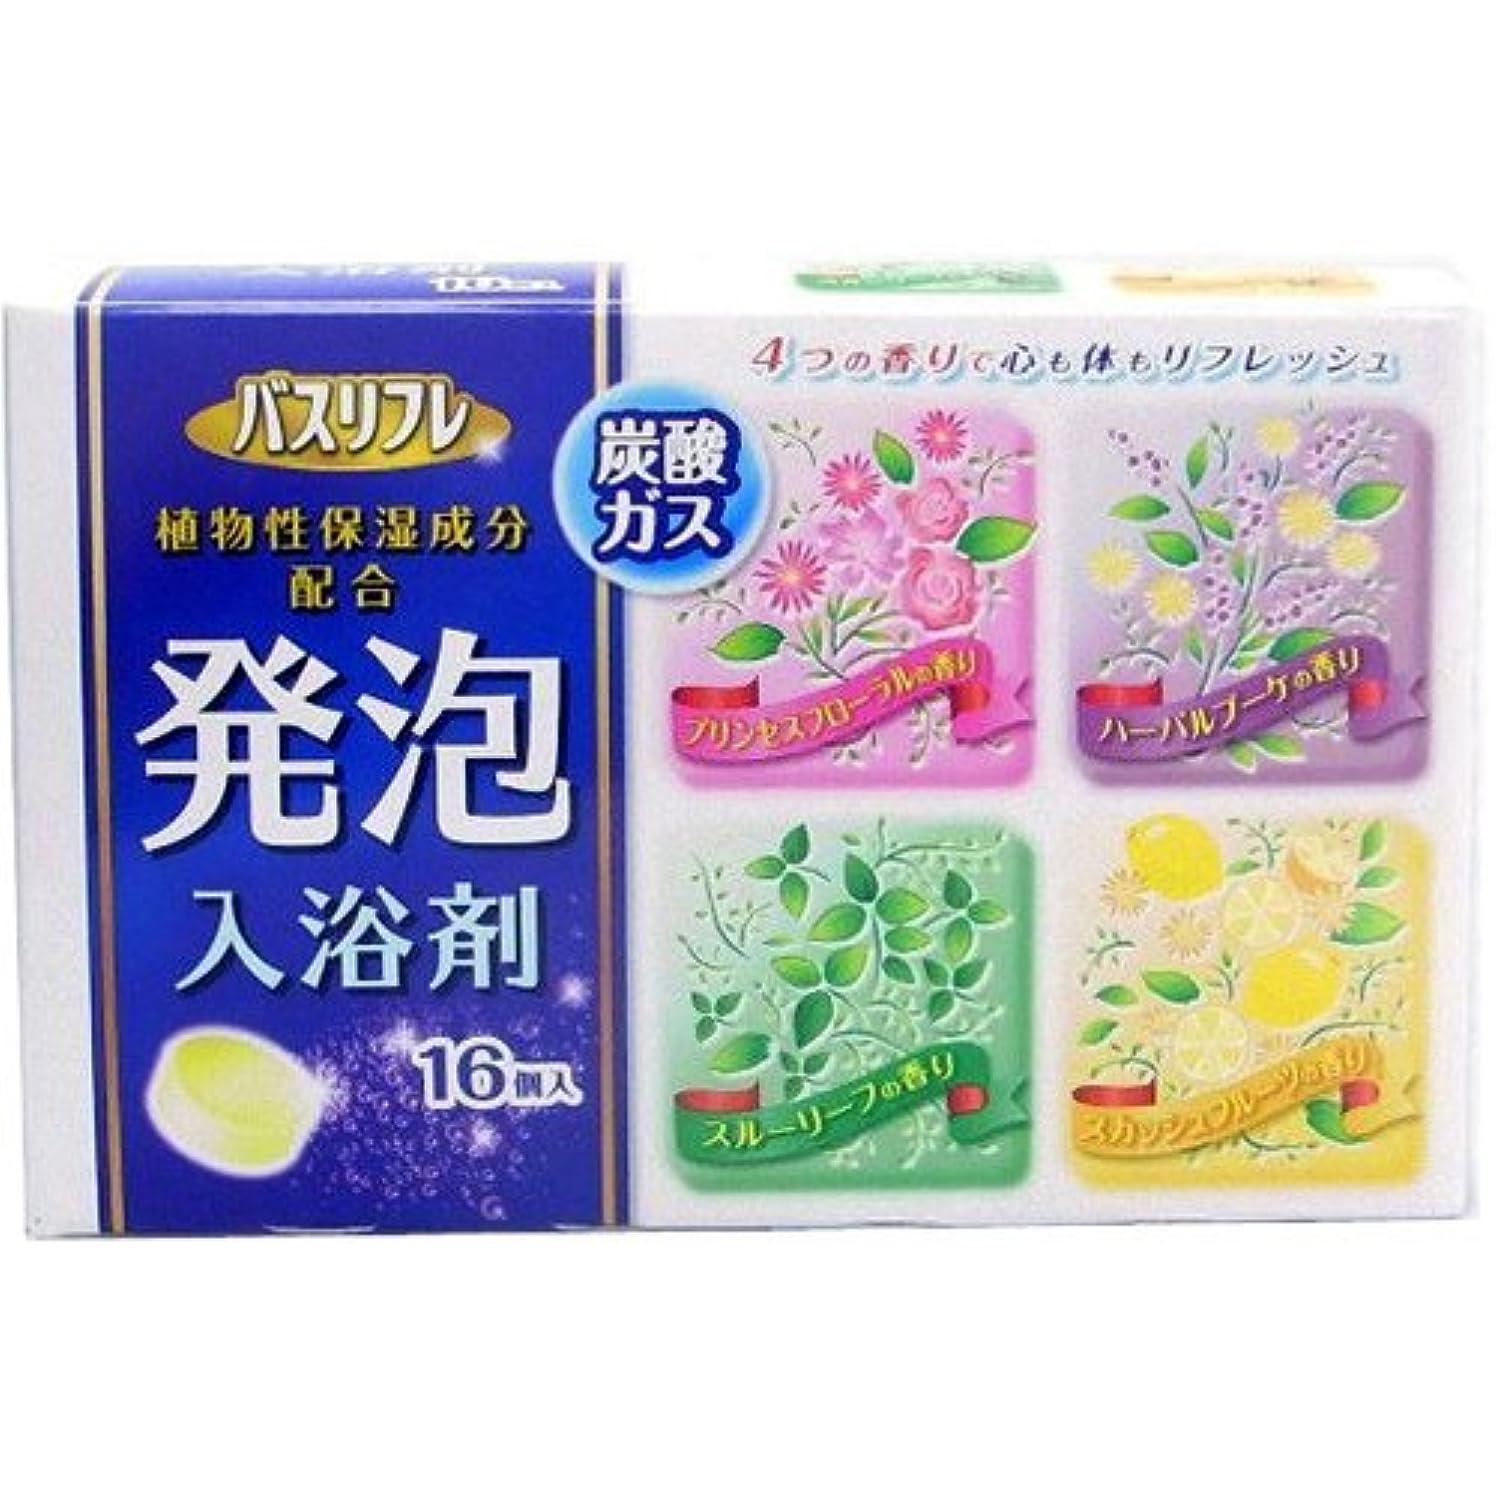 カジュアル息子寮バスリフレ 薬用発泡入浴剤 16錠 [医薬部外品] Japan